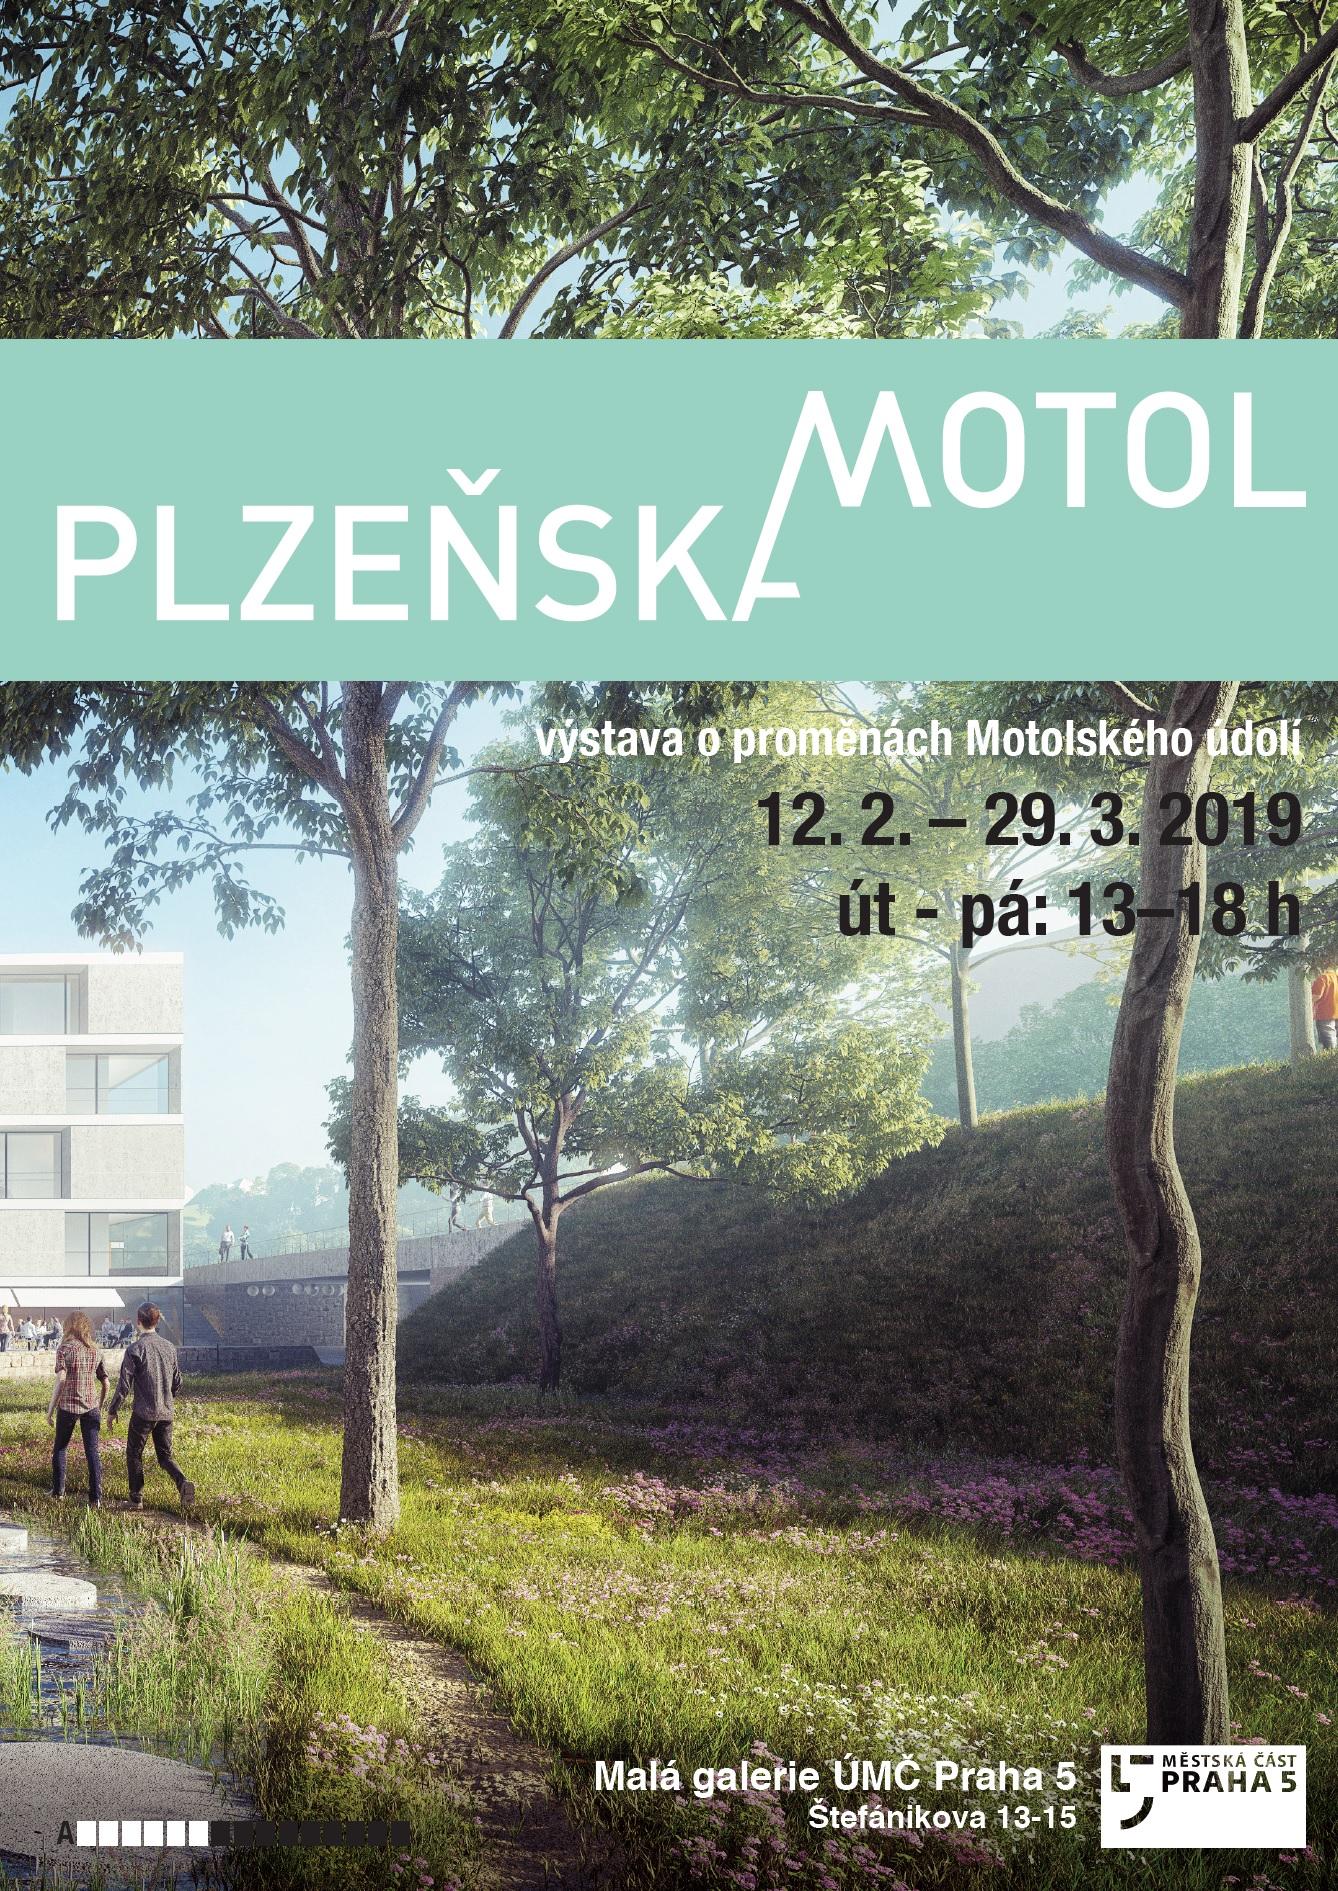 mala-galerie-mc-praha-5-20-2-2019-uzavrena